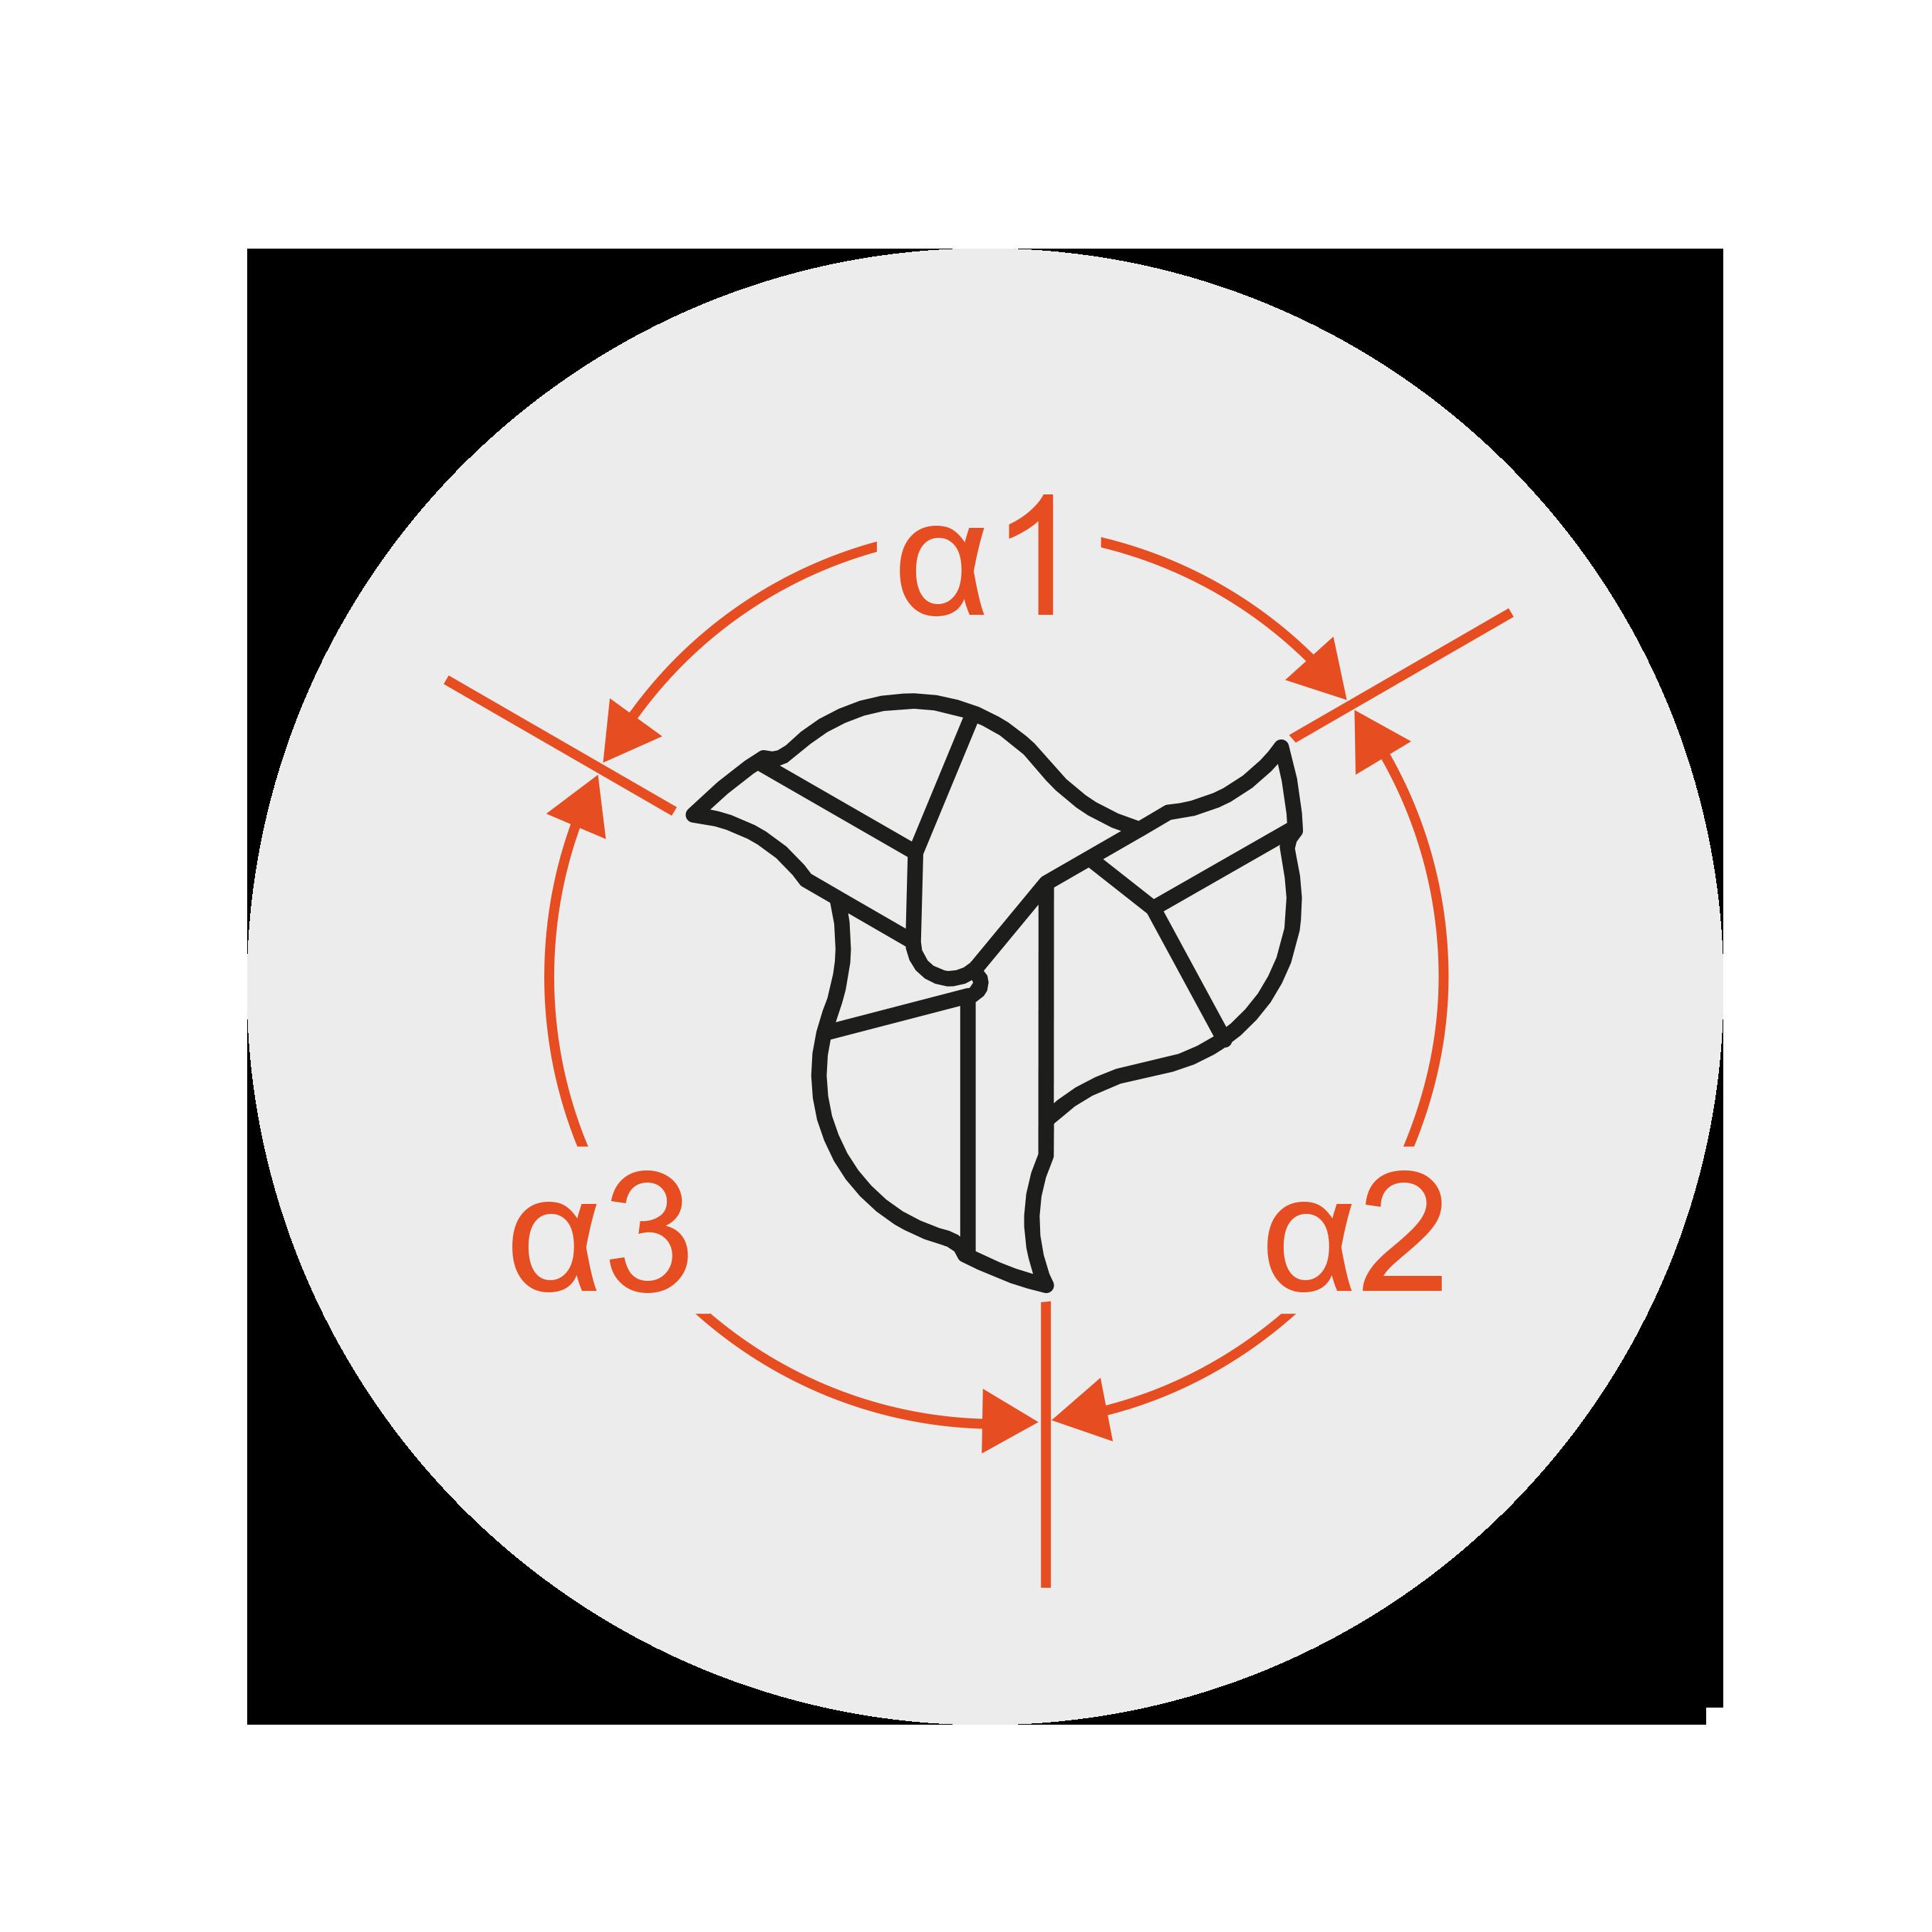 Divisioni irregolari dei taglienti per l'eliminazione delle vibrazioni